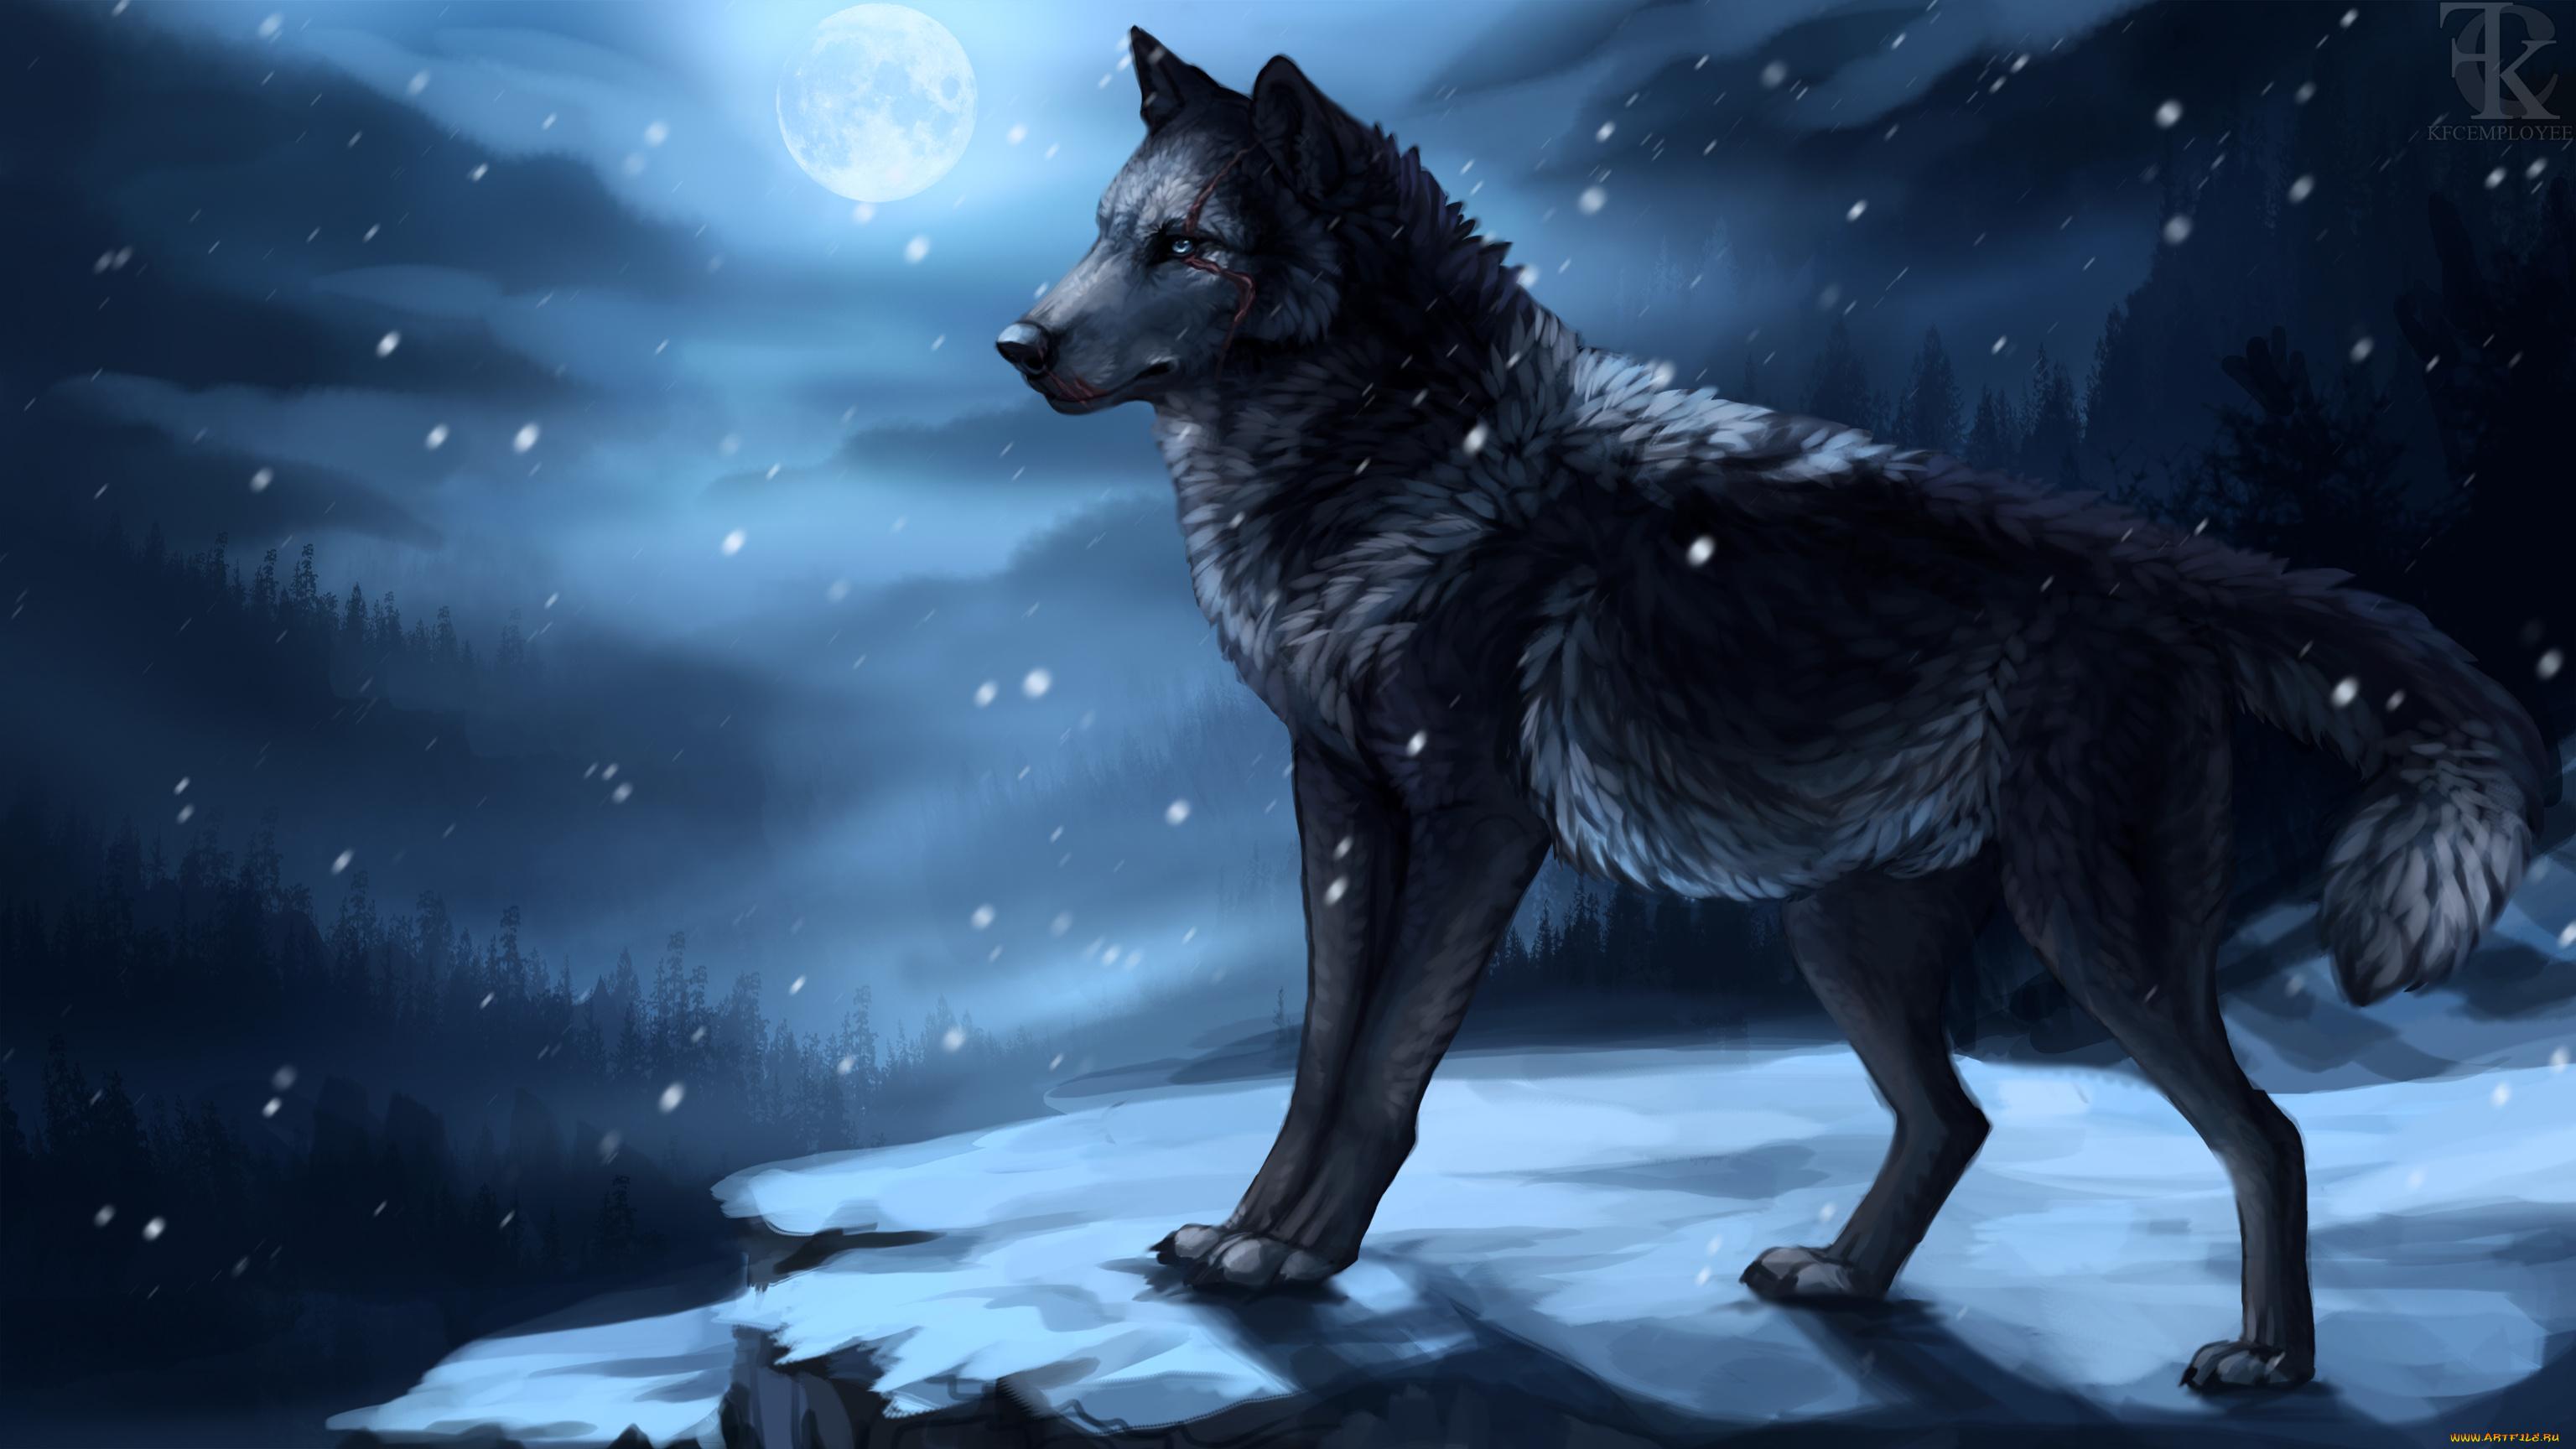 обои на рабочий стол волки нарисованная № 649042 загрузить